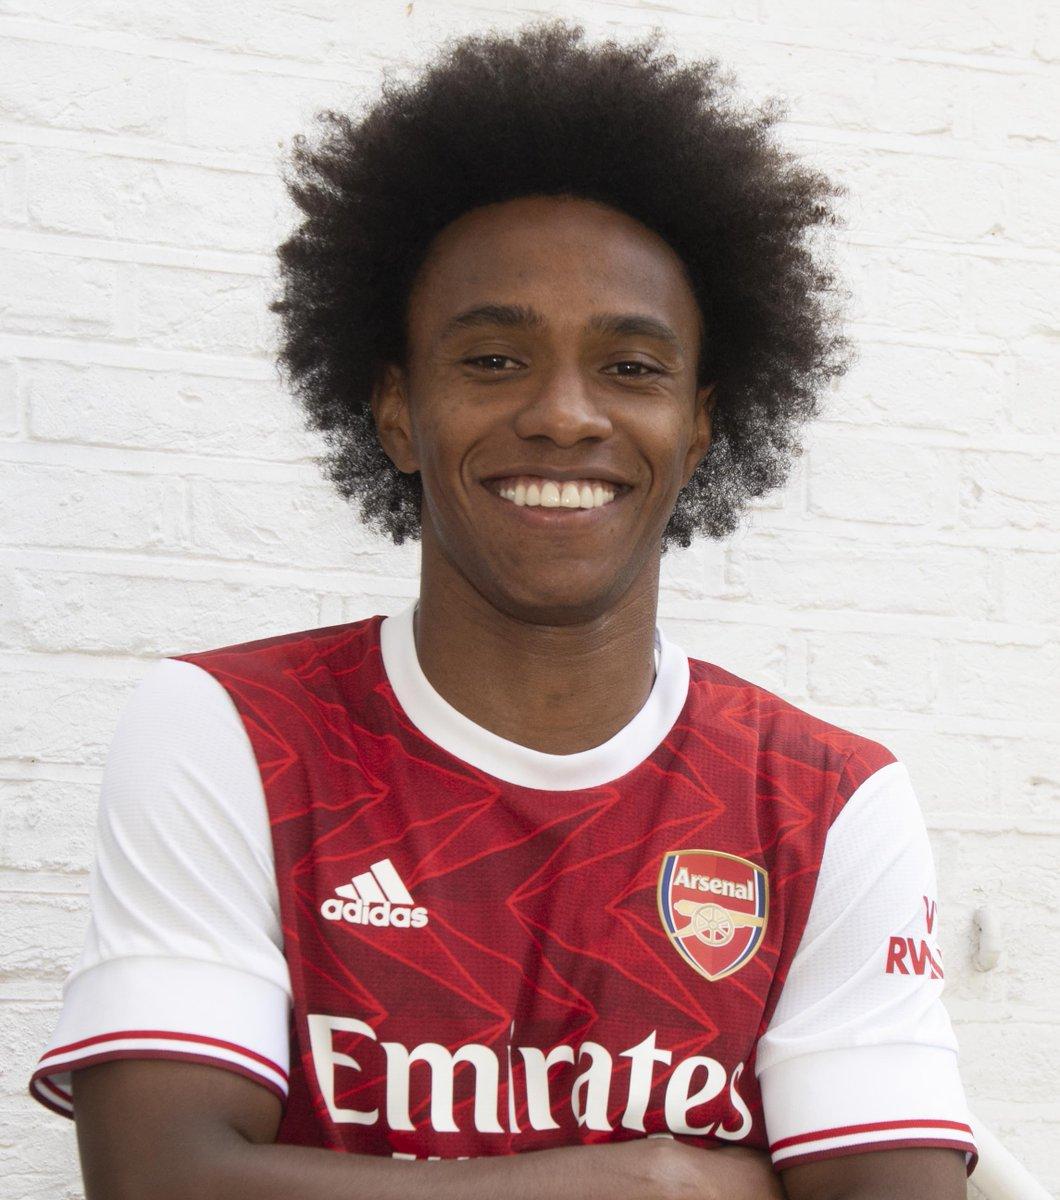 @Arsenal's photo on Willian